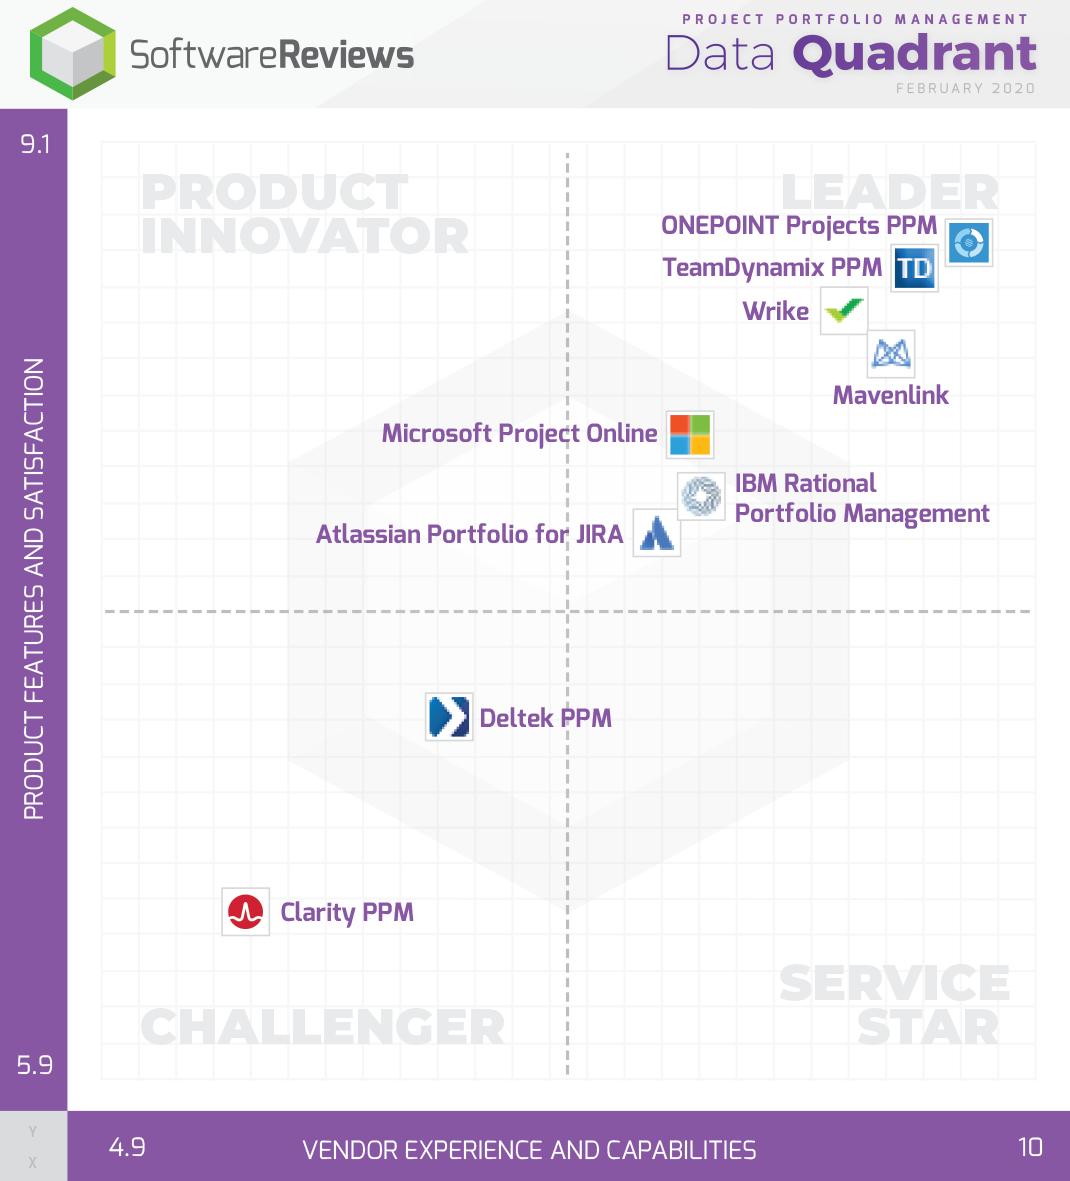 Project Portfolio Management Data Quadrant